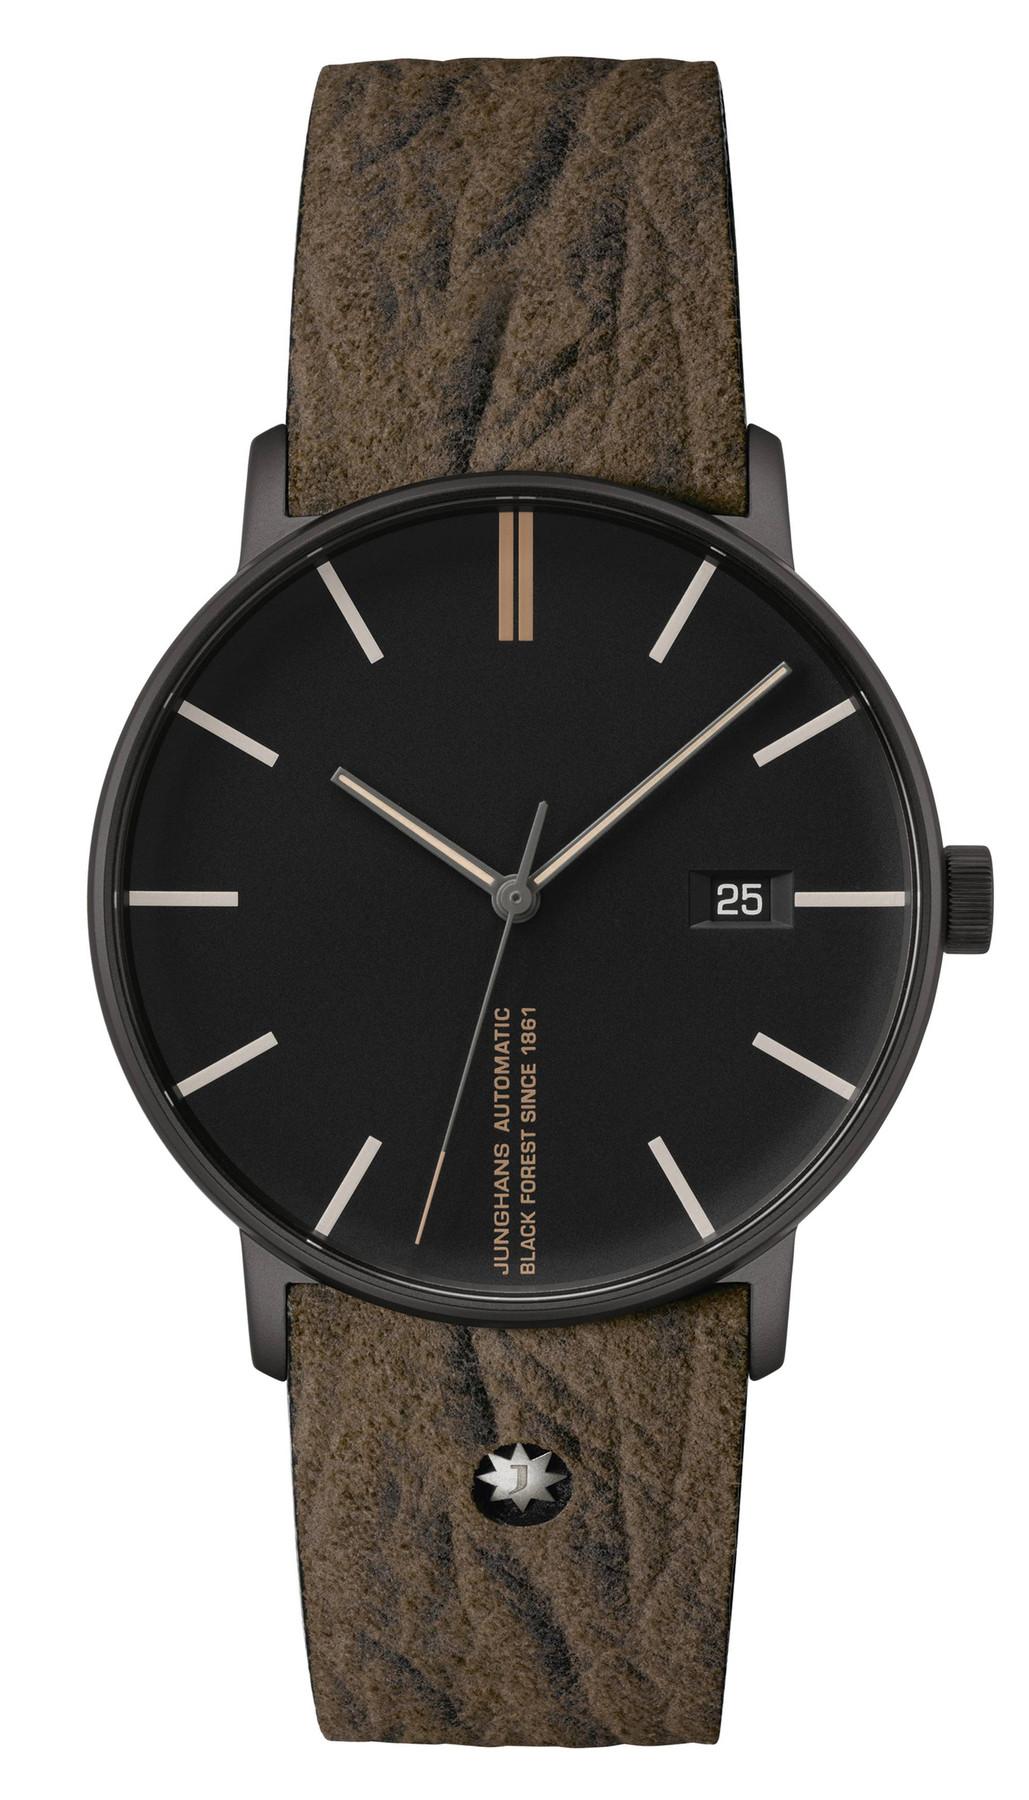 Junghans FORM A Automatik Armbanduhr 27/4132.00 Limited Edition